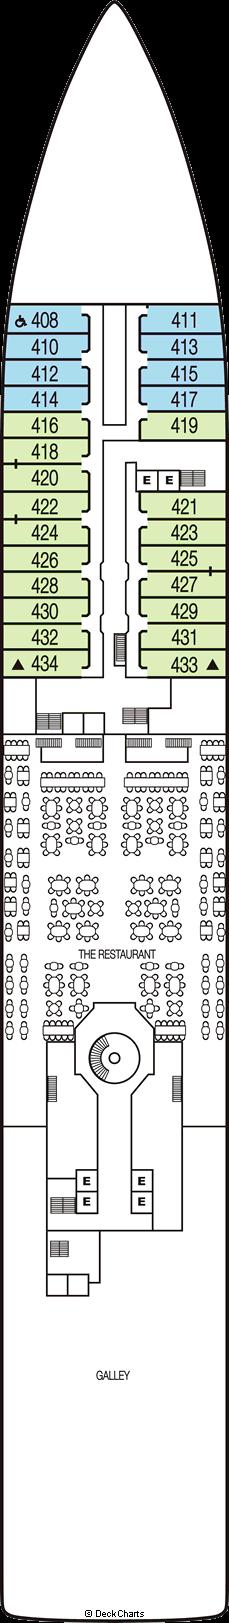 Seabourn Sojourn: Deck 4